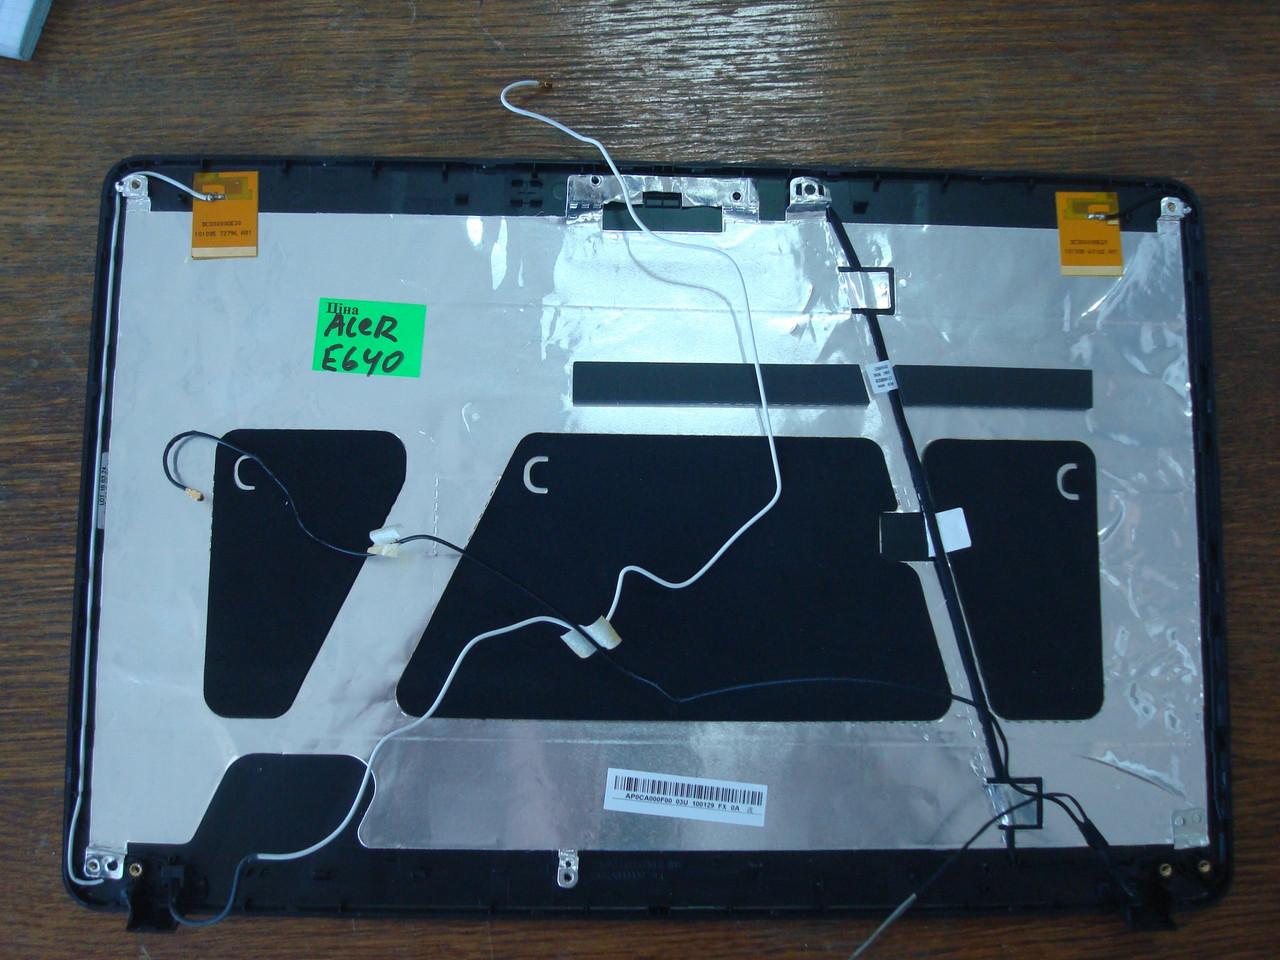 Продам крышку матрицы ноутбука Acer e640